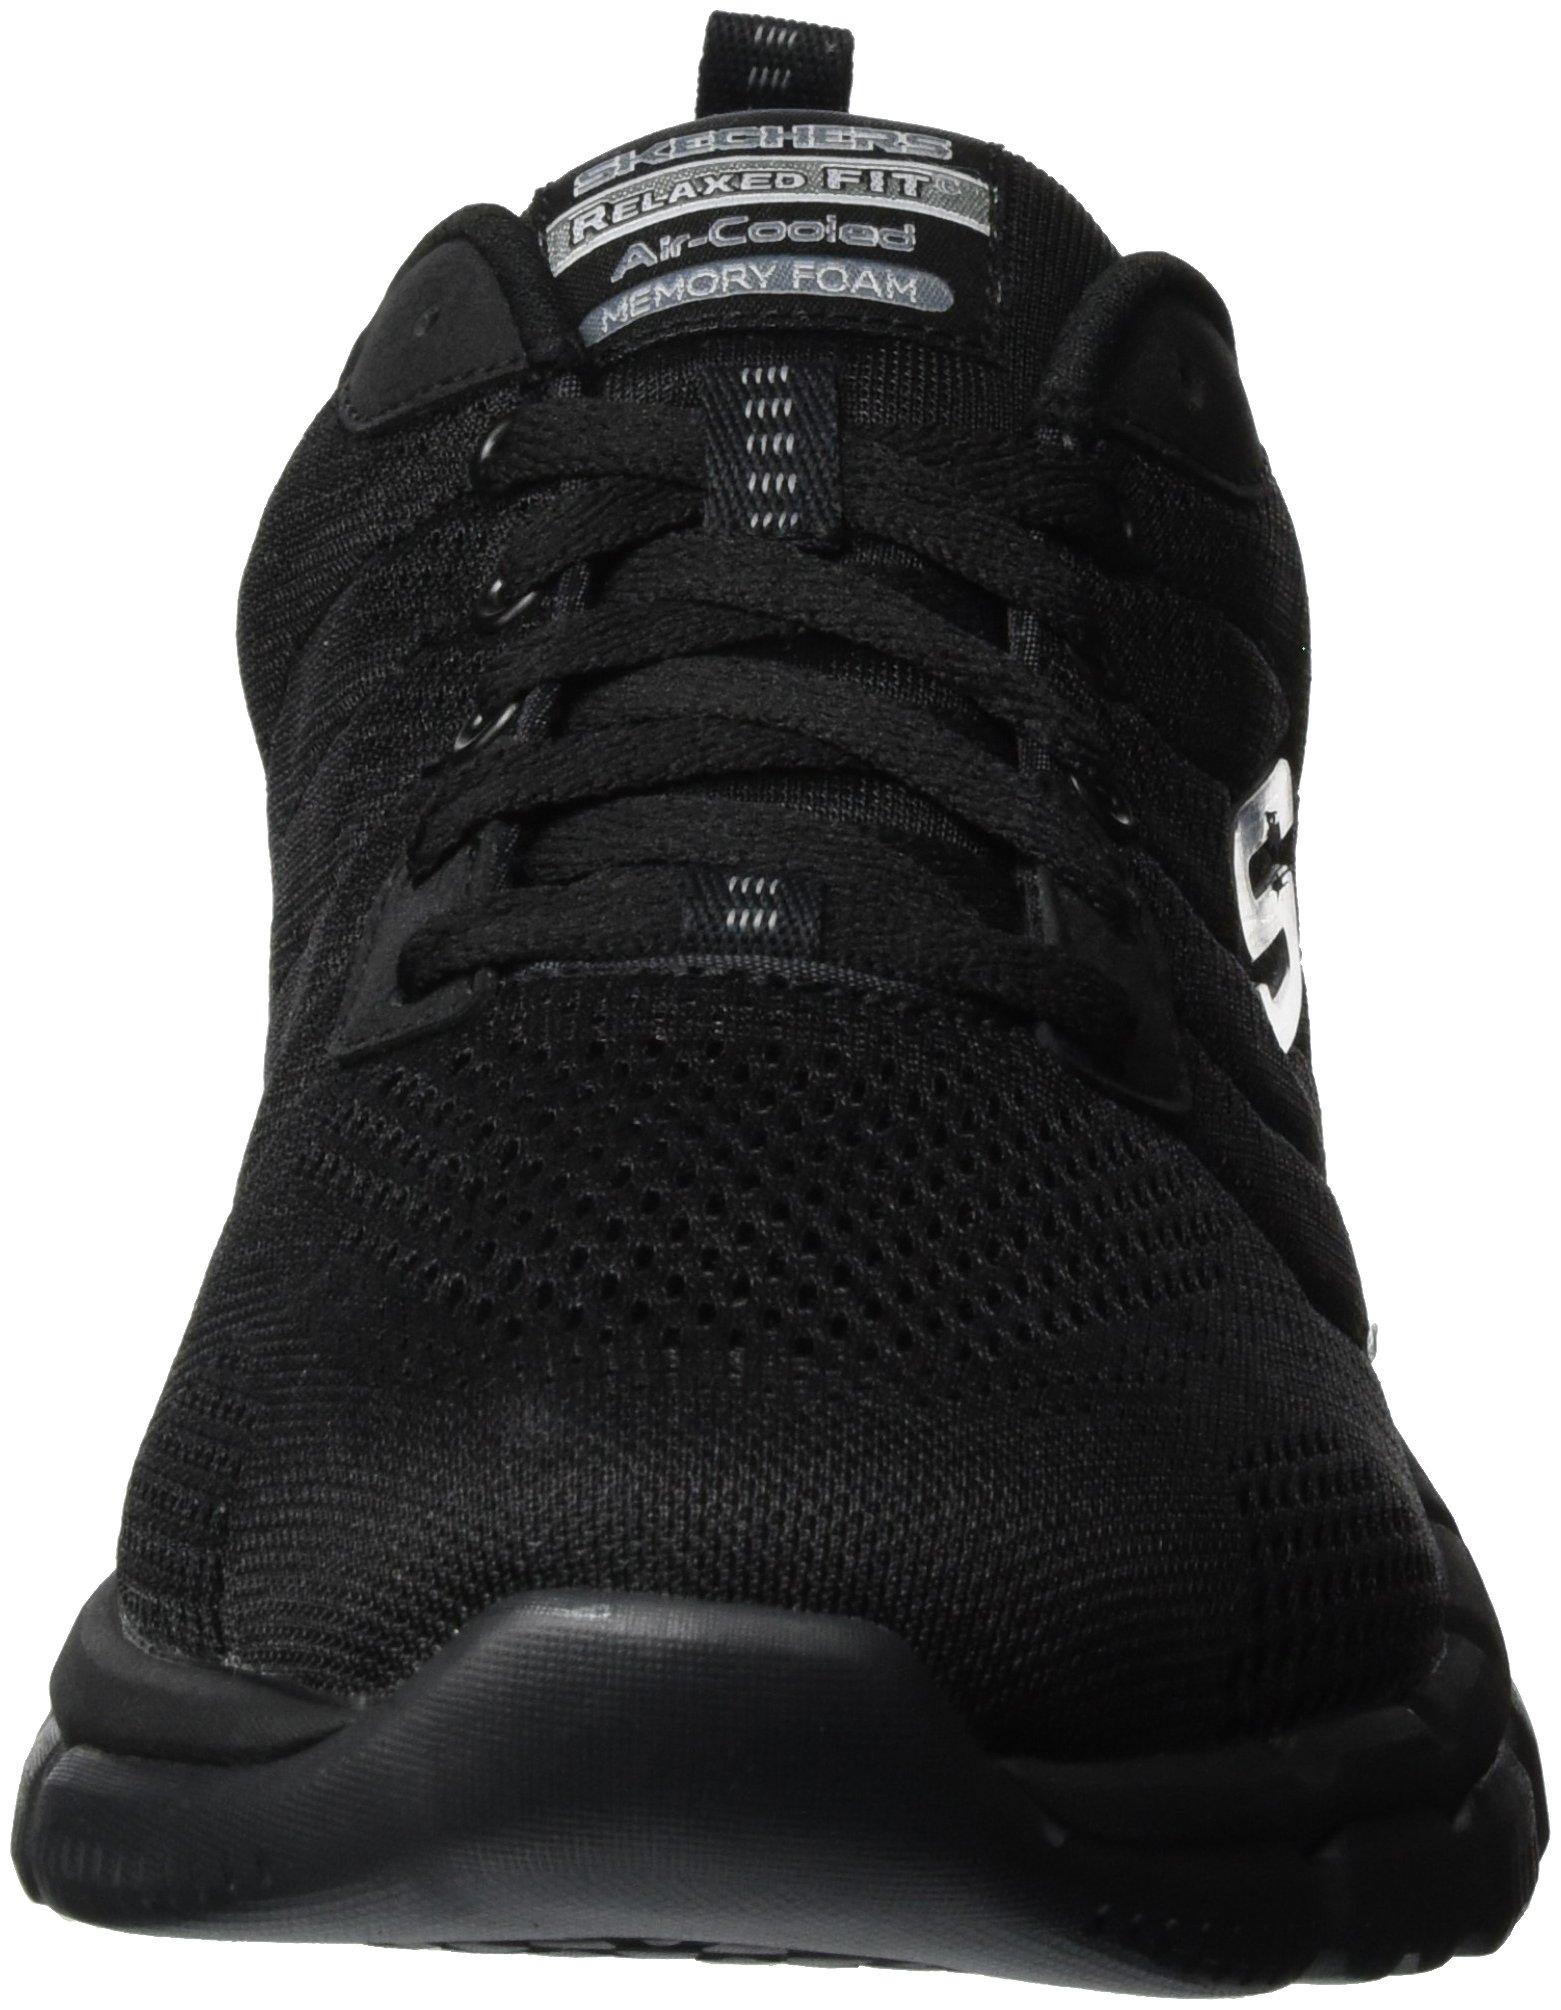 Skechers Sport Men's Skech Flex 2.0 Milwee Fashion Sneaker,Black,9 M US by Skechers (Image #4)